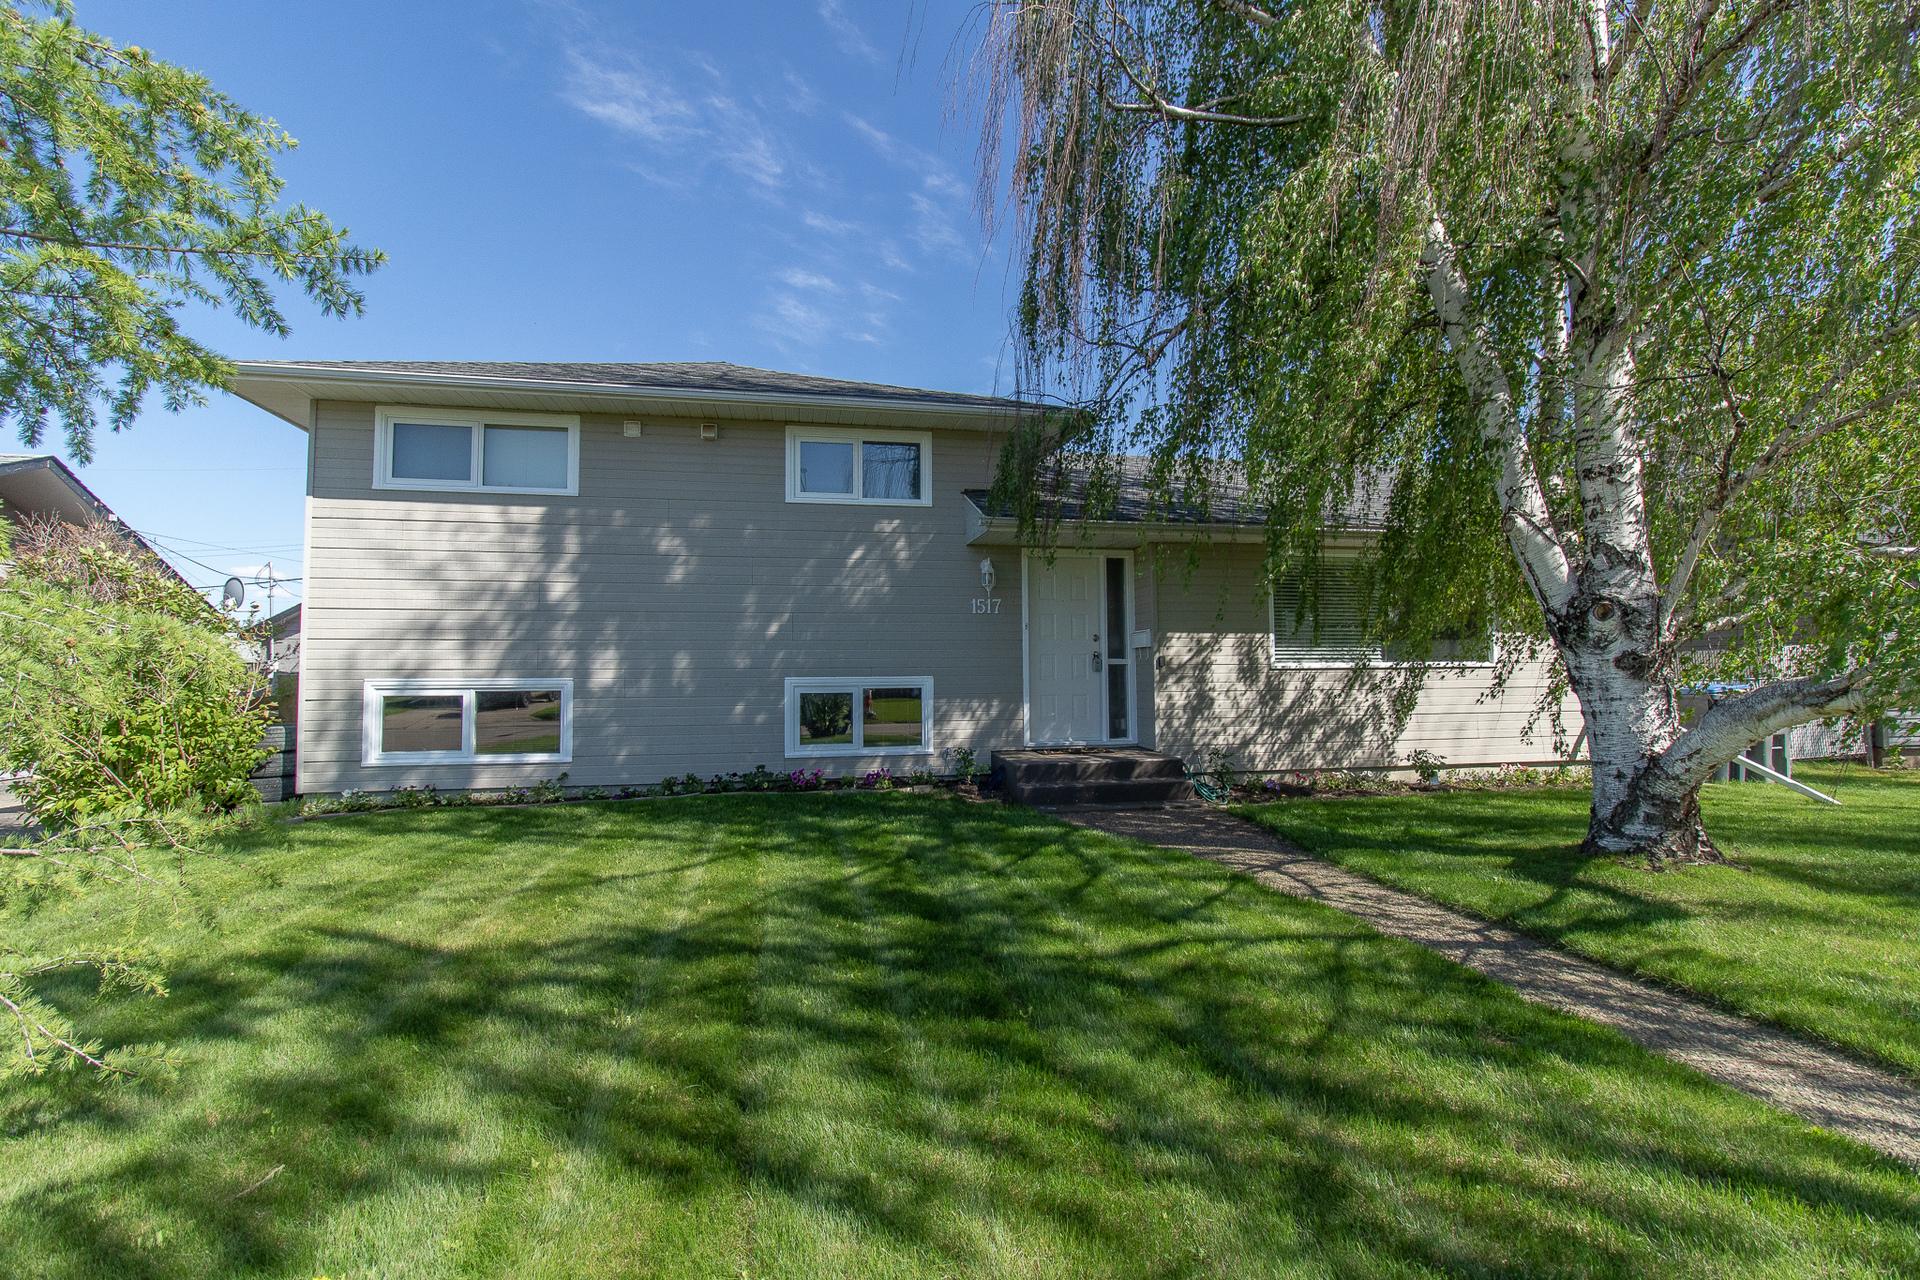 1517 114 Avenue, Dawson Creek